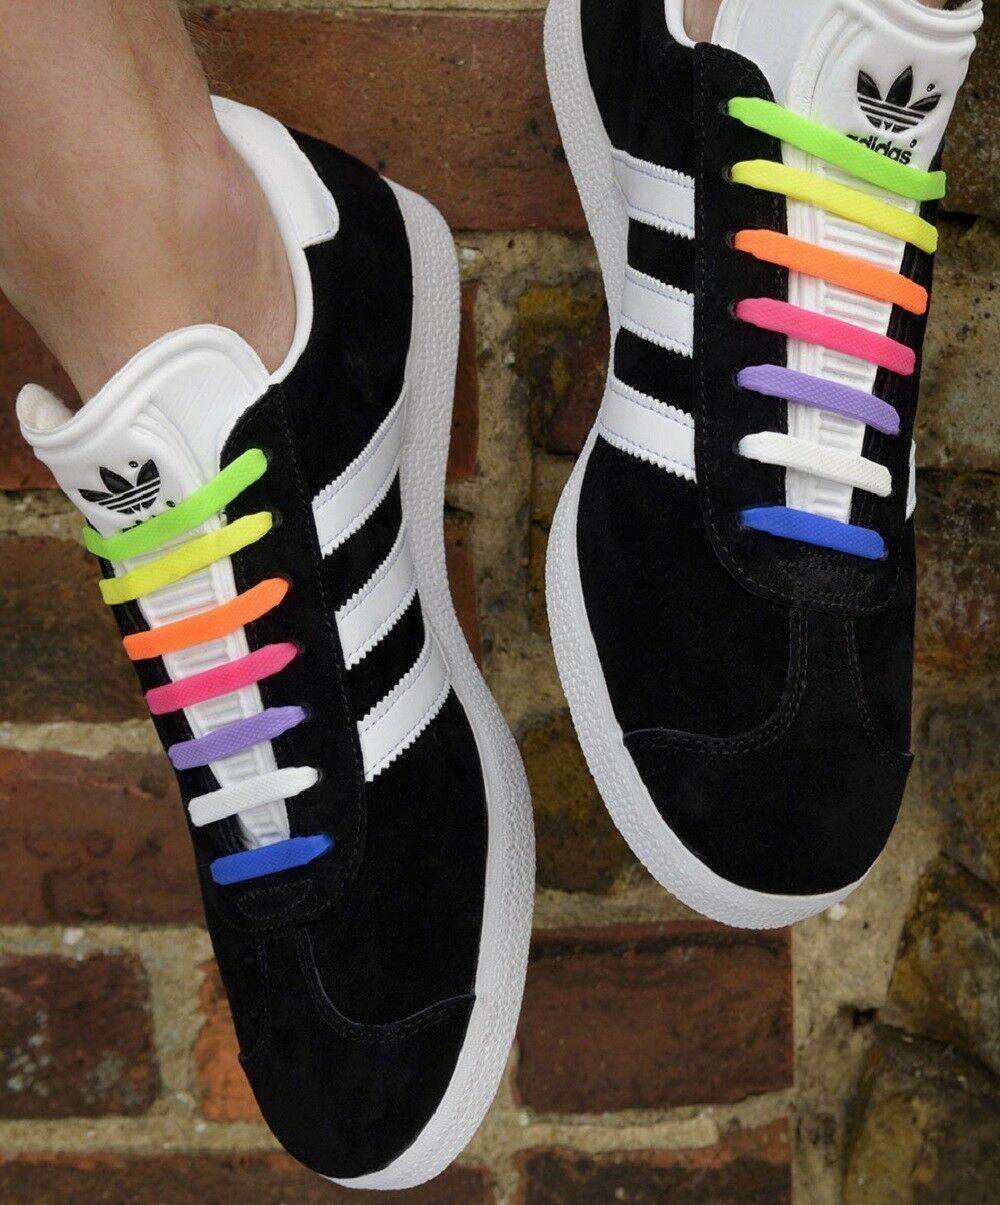 Hirigin Lazy Shoelaces Unisex Elastic Canvas Gym Shoes Laces All Sneakers Fit Strap Sport Shoes Lazy Lock Laces New 8+8 Pcs/Set